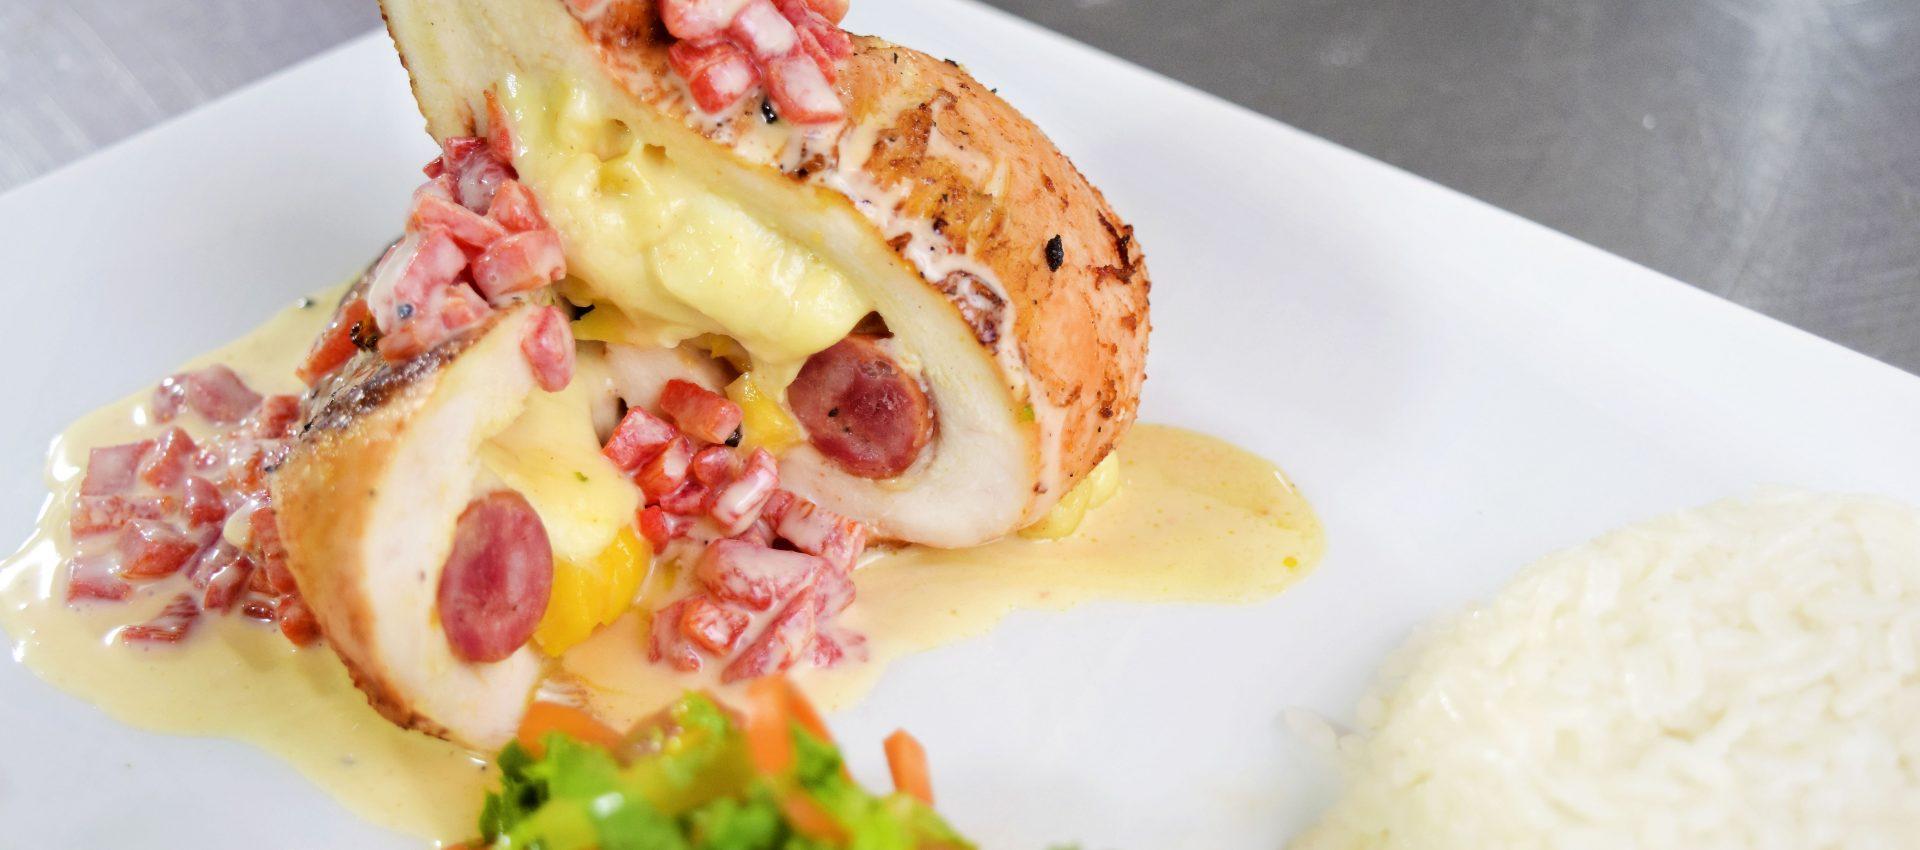 Pechuga rellena de queso doble crema con salsa de pimientos asados  Cocinarte